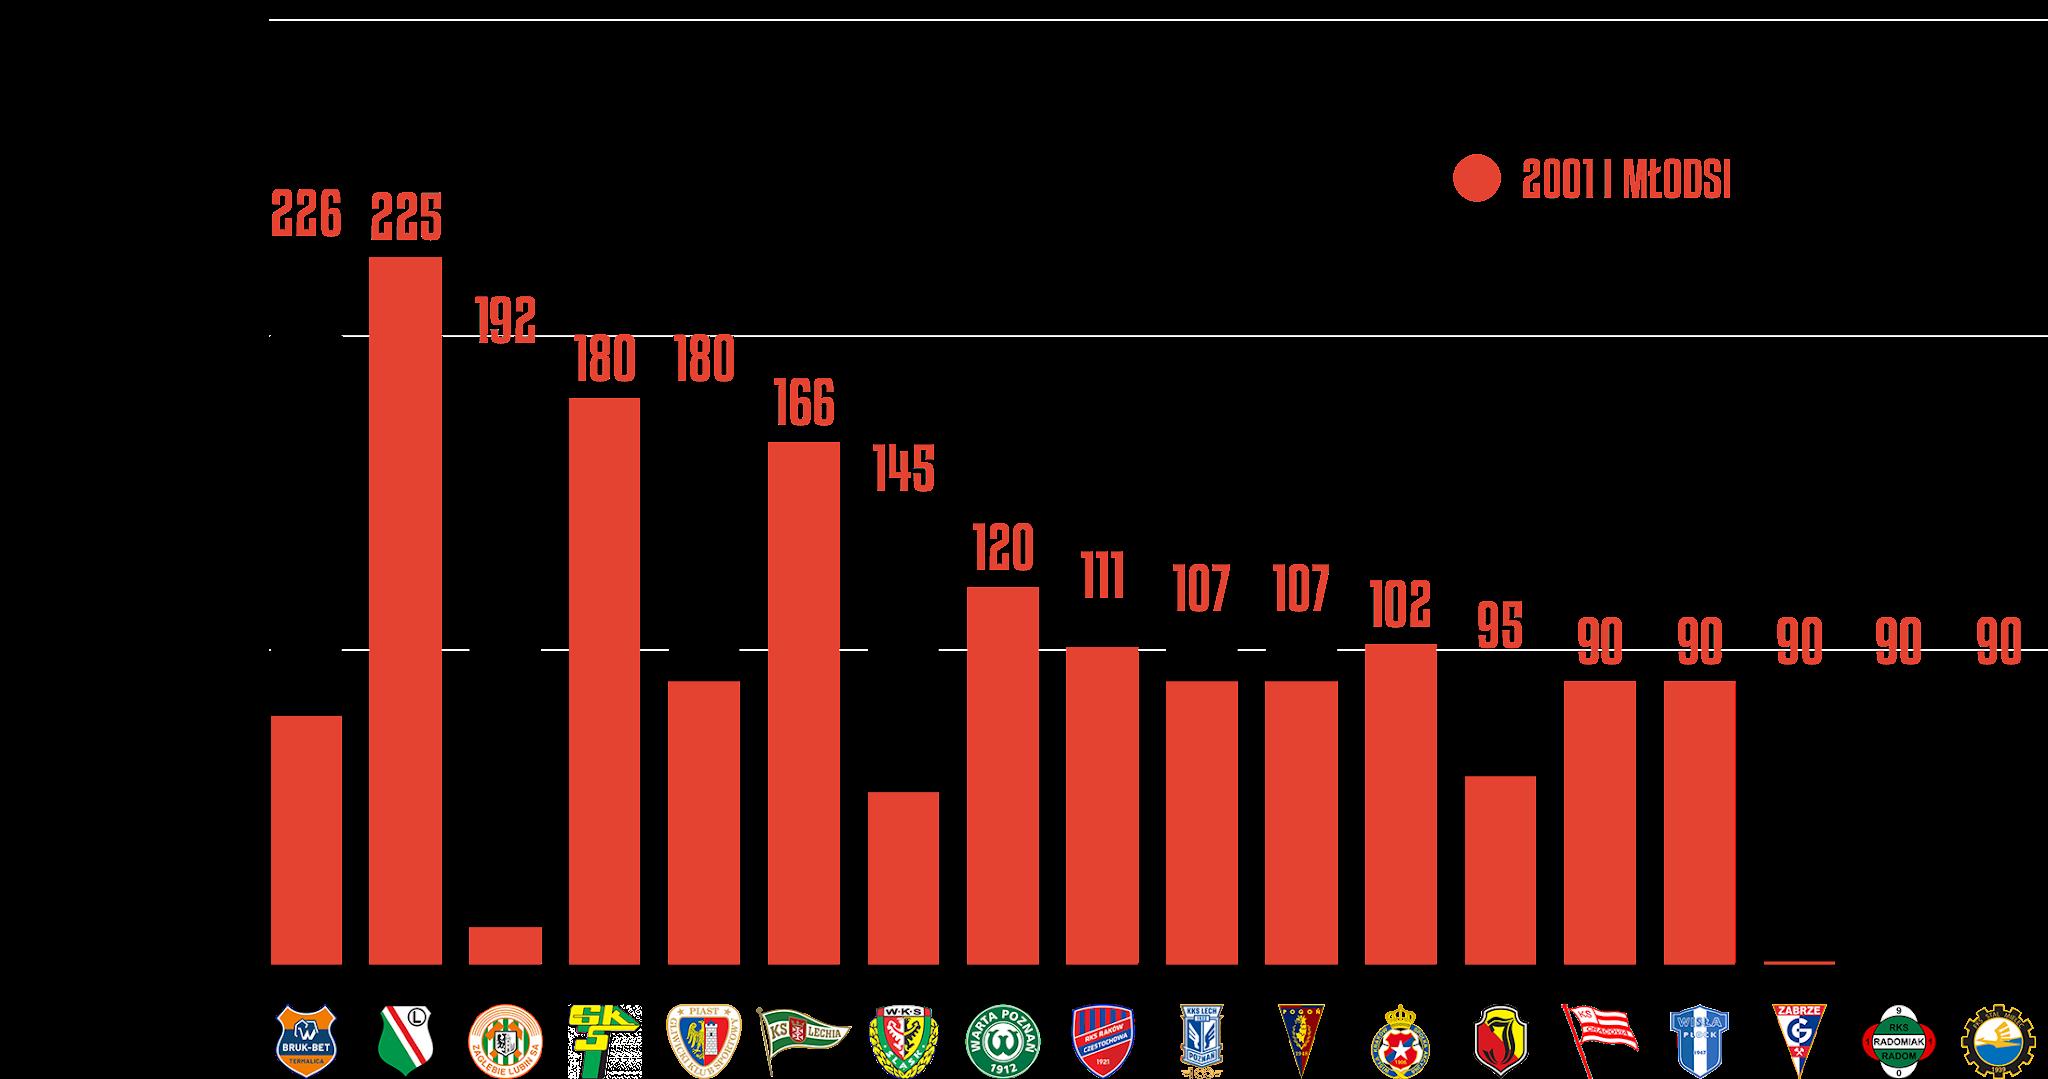 Klasyfikacja klubów pod względem rozegranego czasu przez młodzieżowców w10.kolejce PKO Ekstraklasy<br><br>Źródło: Opracowanie własne na podstawie ekstrastats.pl<br><br>graf. Bartosz Urban